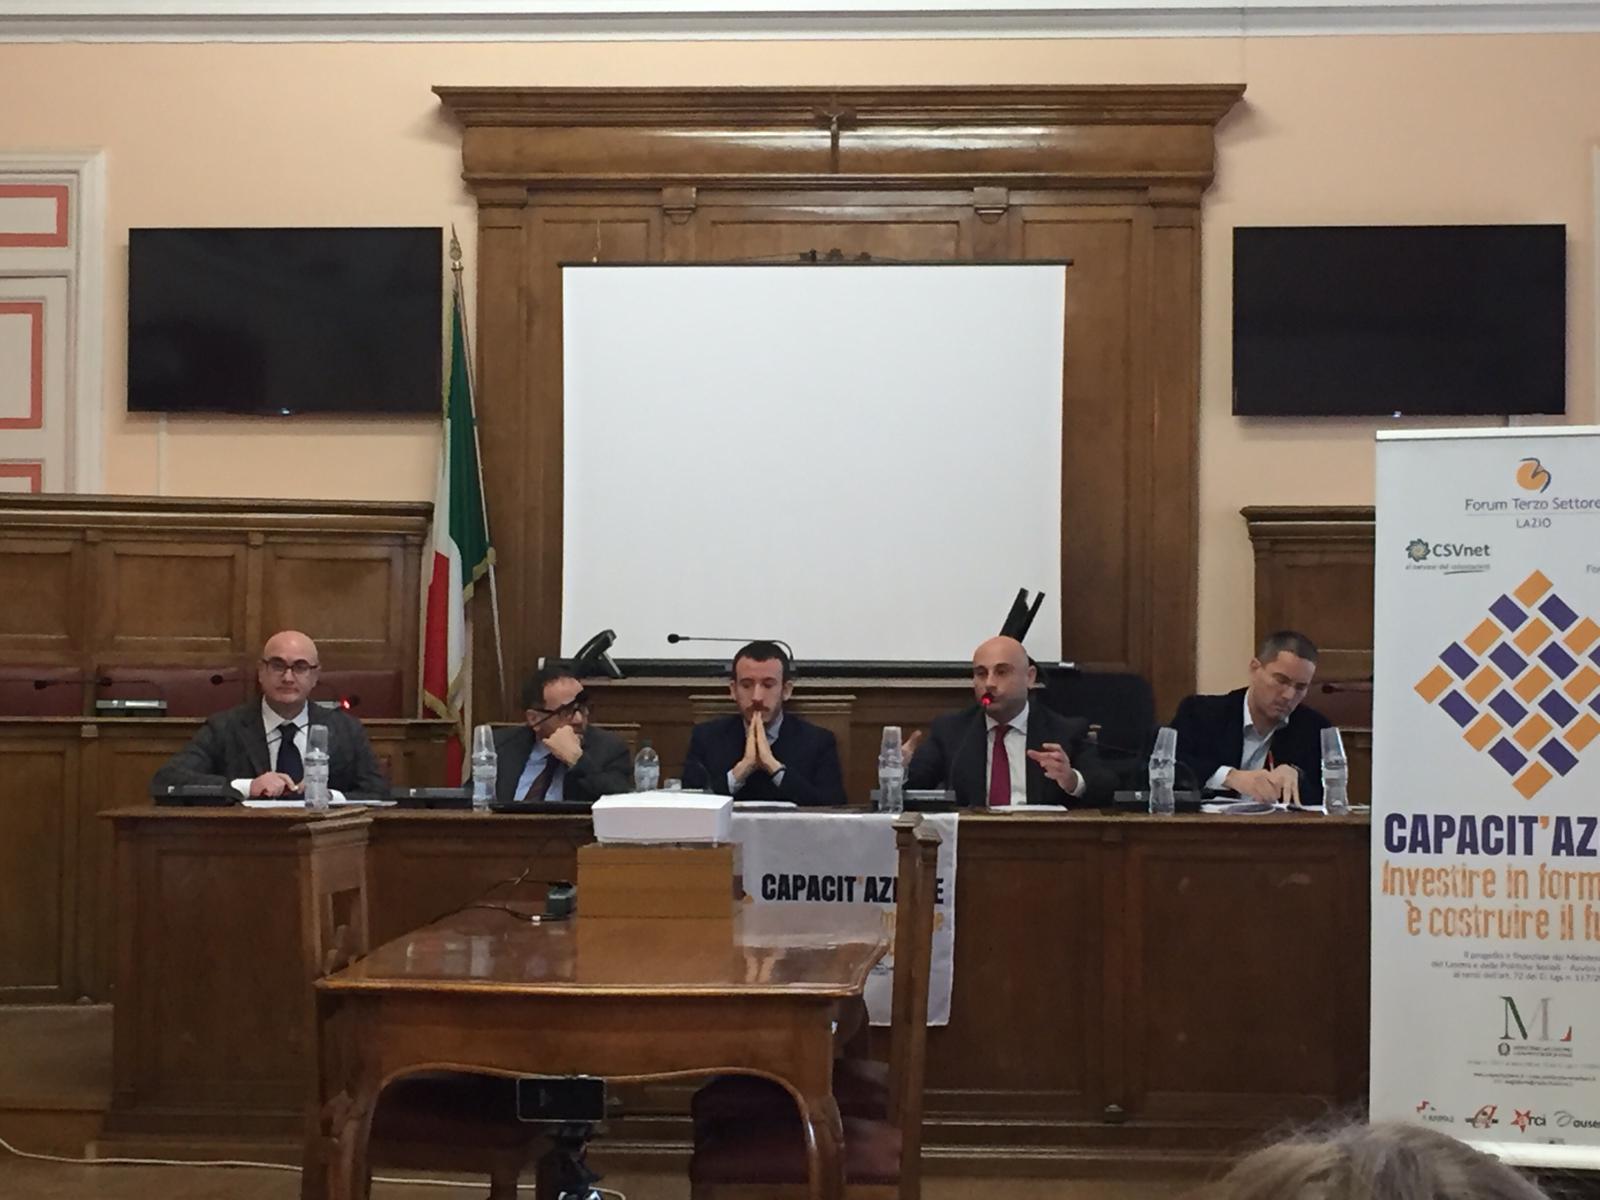 """Terzo settore, il Csv ha illustrato il progetto """"Capacit'Azione""""."""